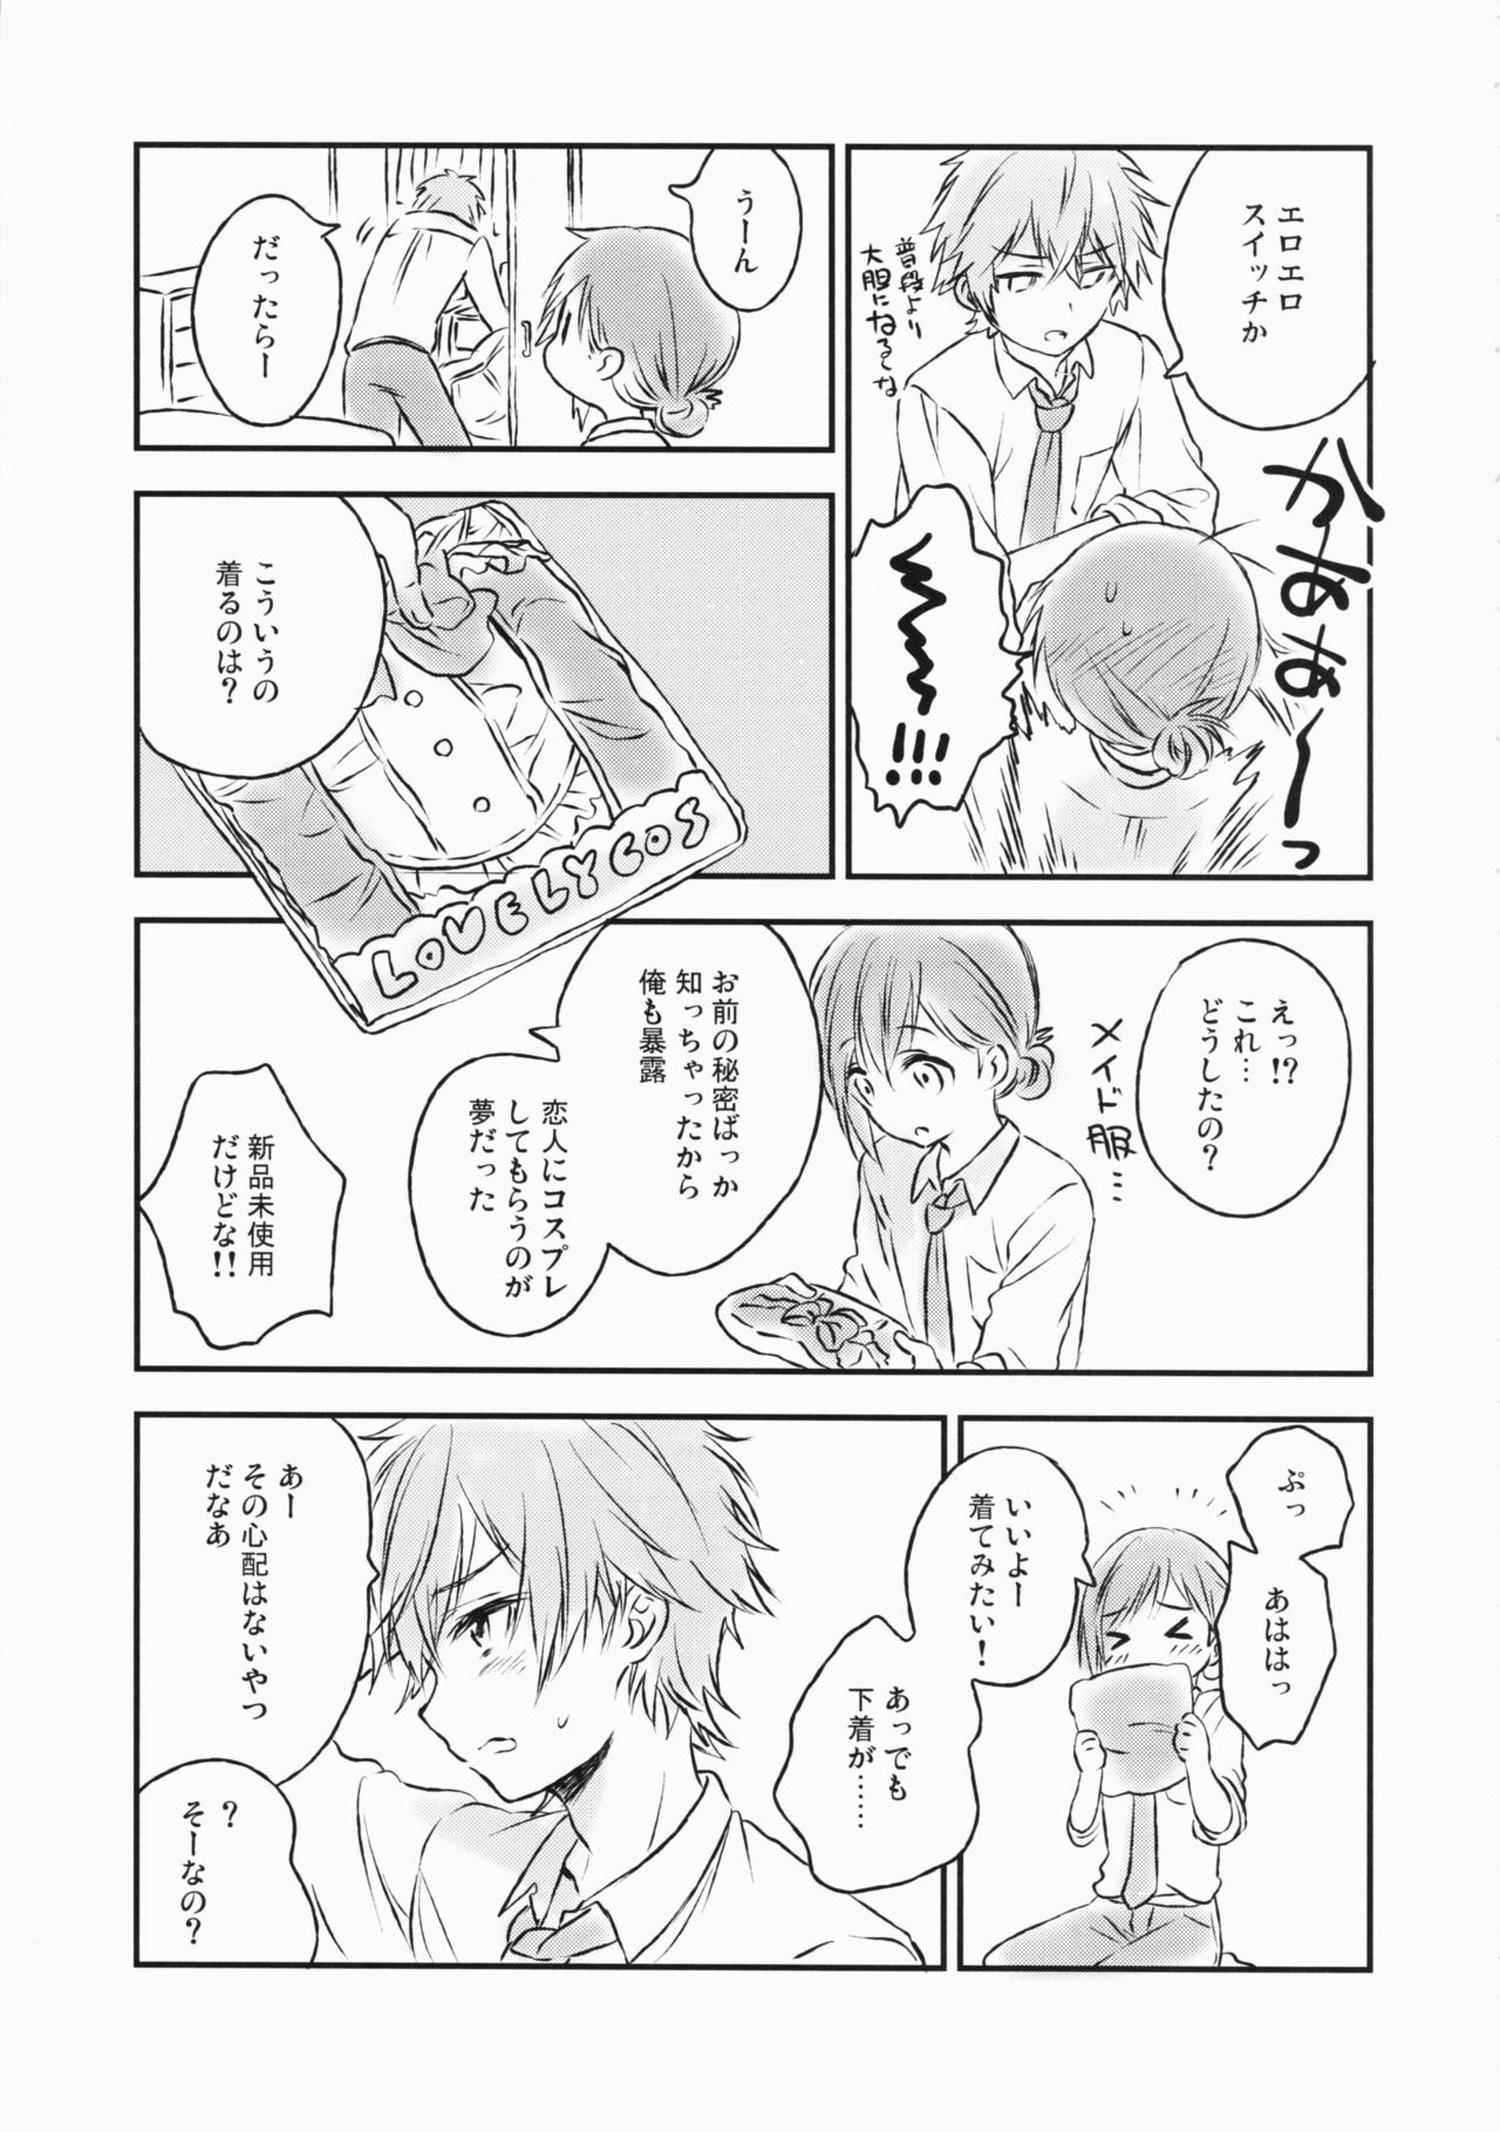 ポニーテールの女装男子とイチャラブセックスwww【エロ漫画・エロ同人】 (10)